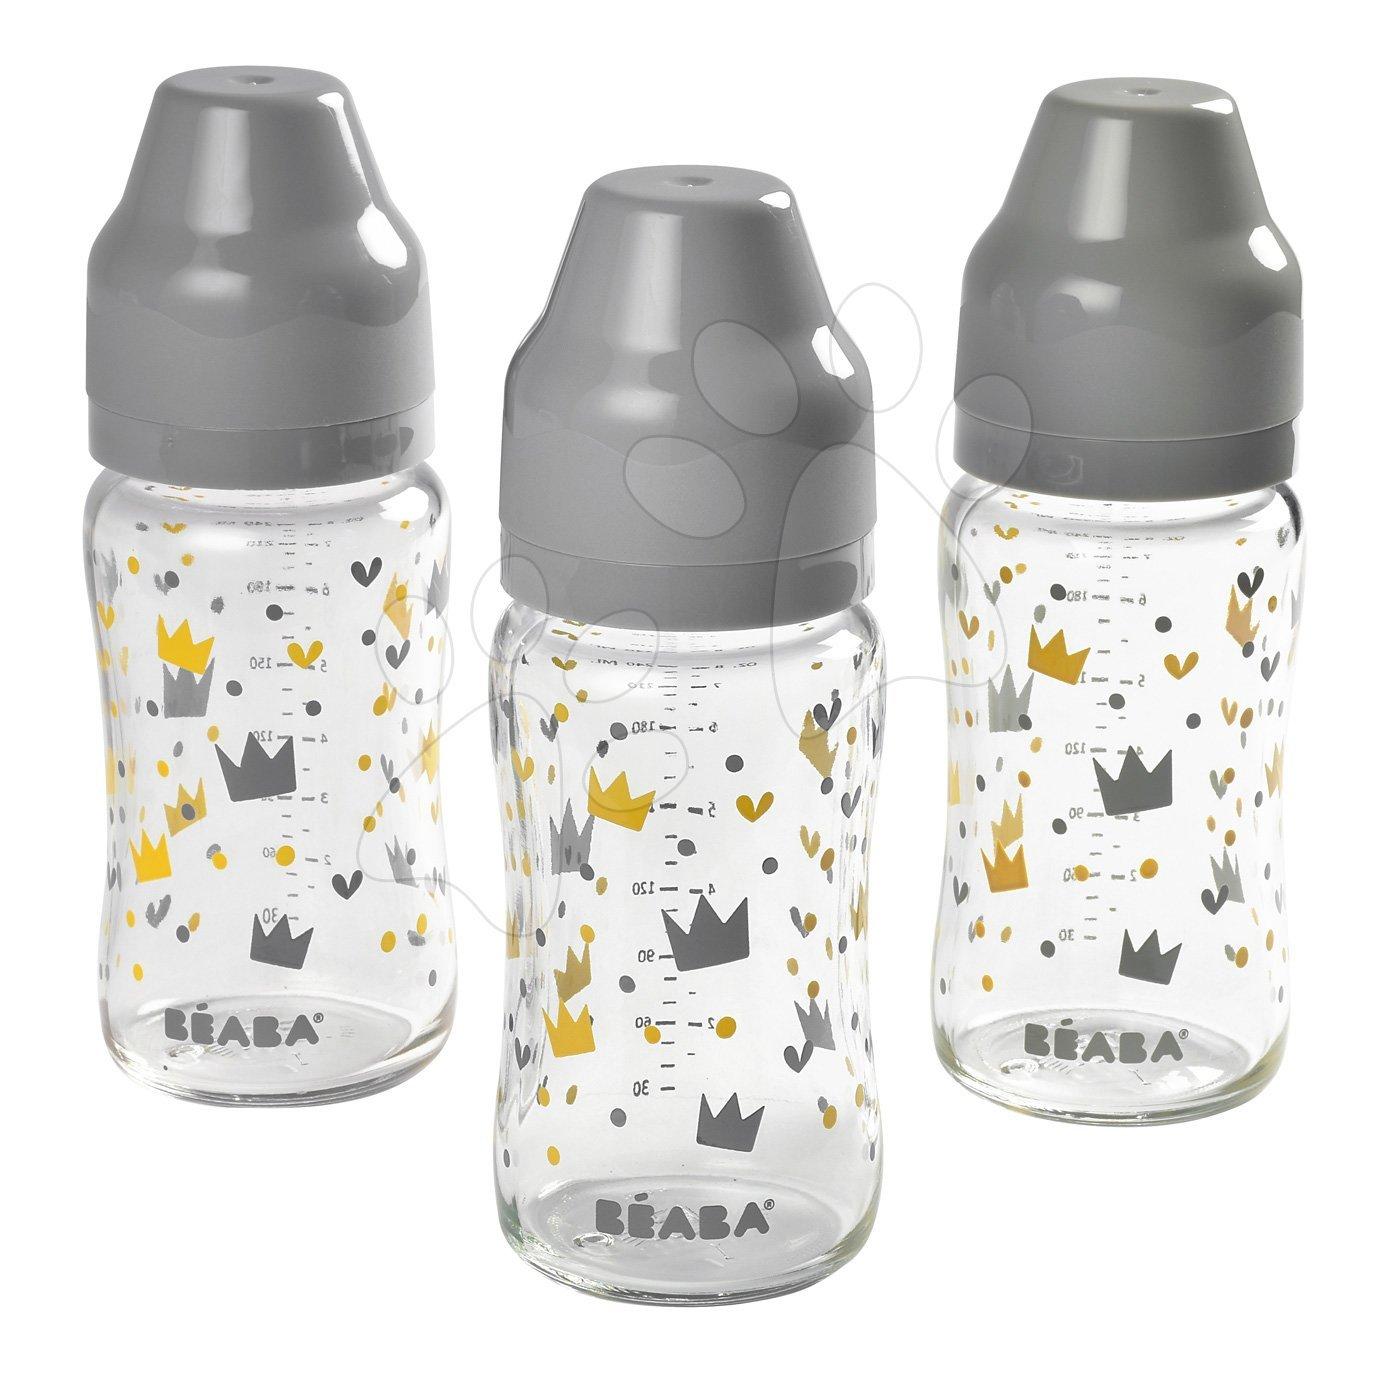 Beaba sada 3 dojčenských fliaš so širokým hrdlom 911656 šedá